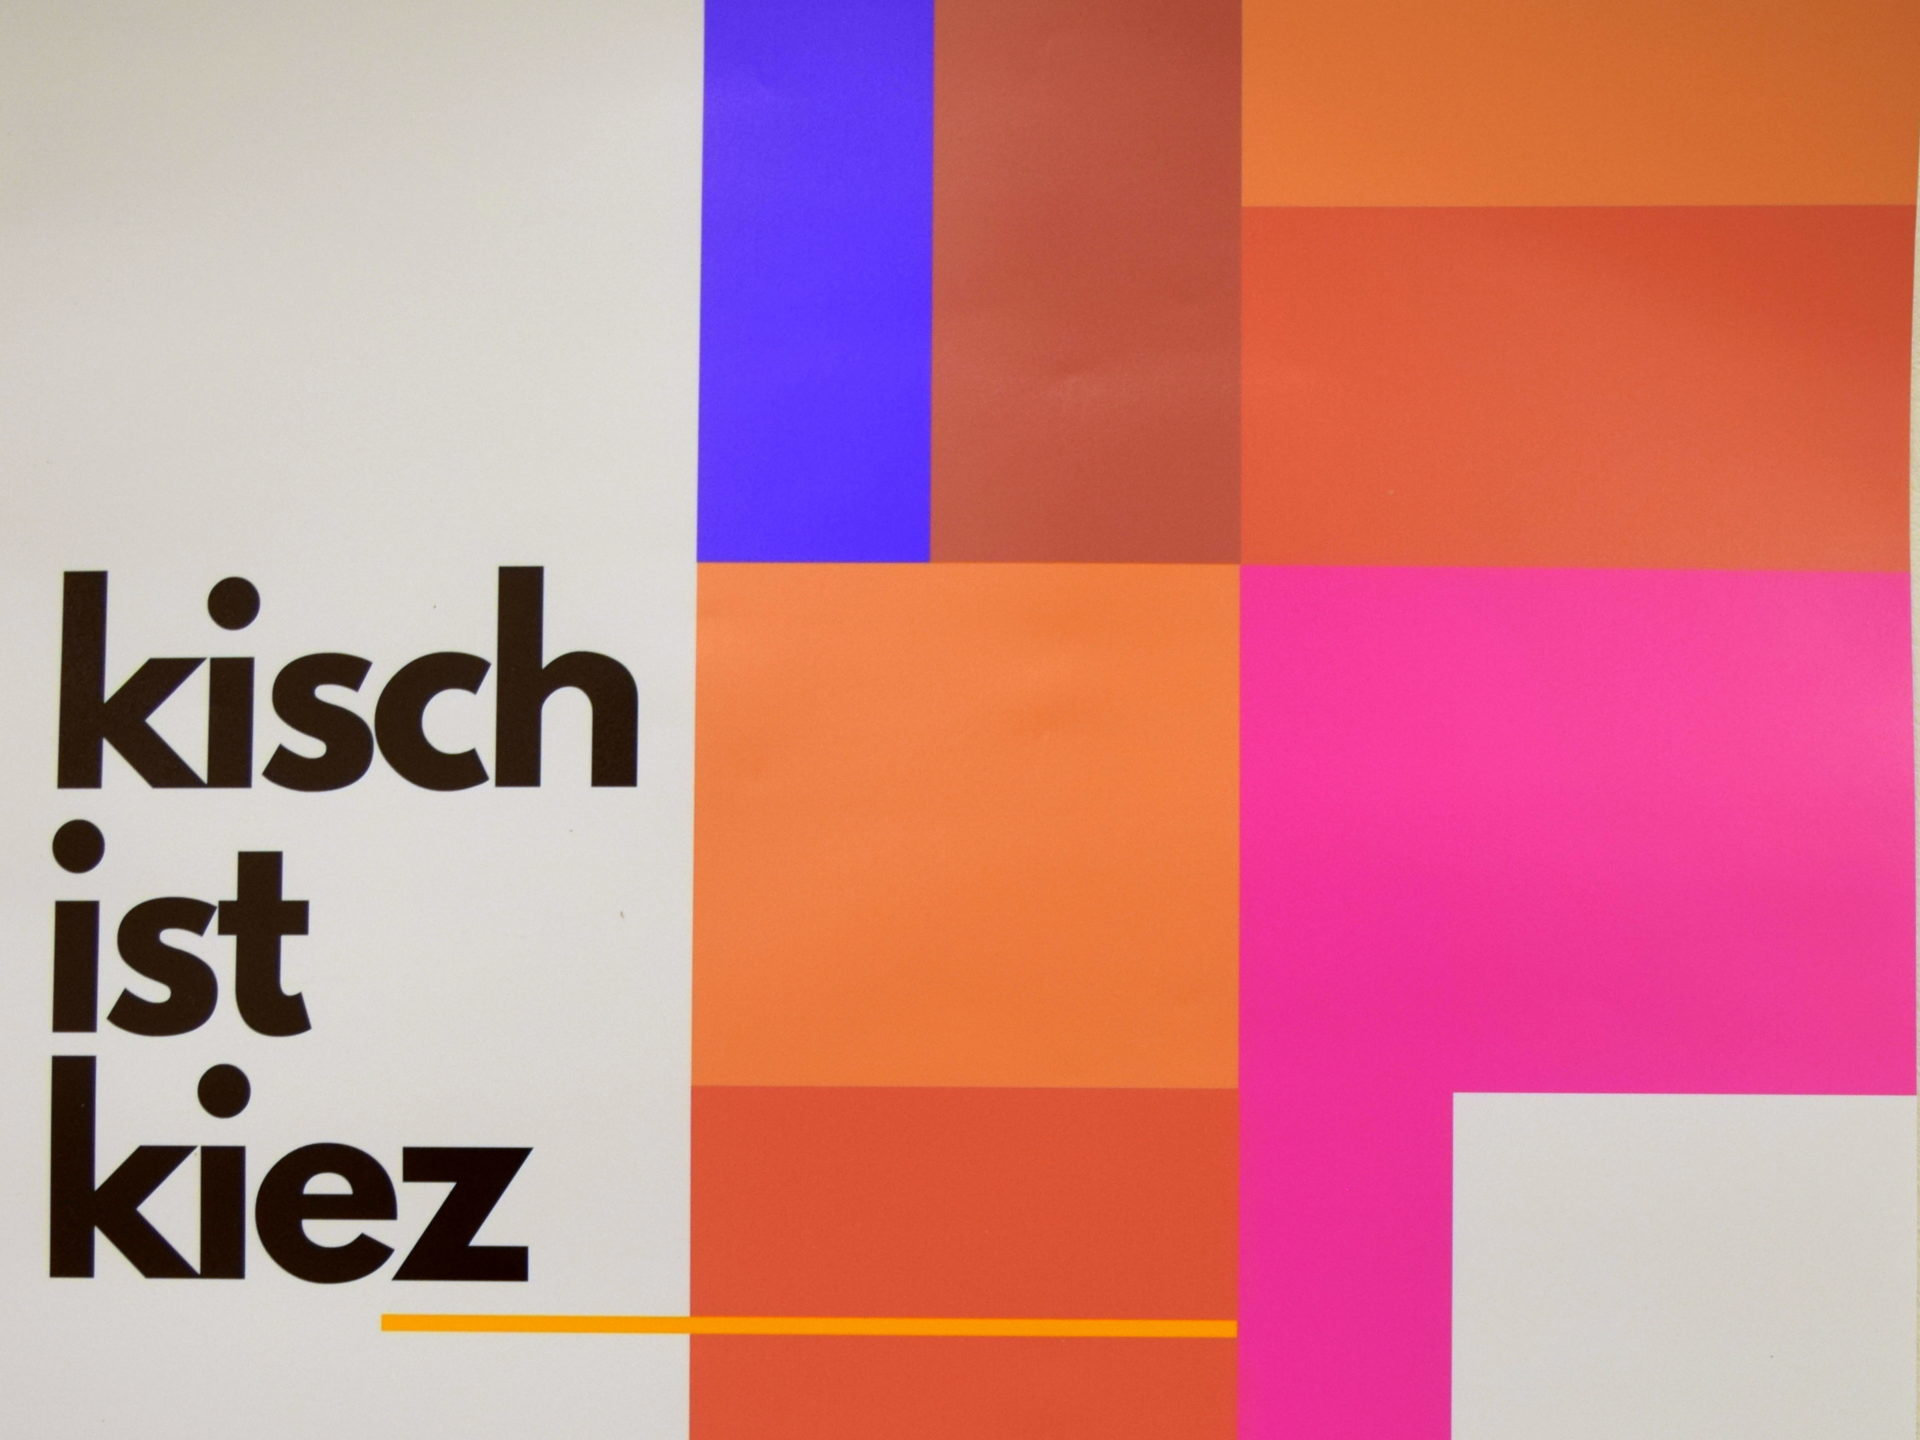 Volle Breitseite für die Oranienstrasse 25 – Verlängerung der Ausstellung in der nGbK